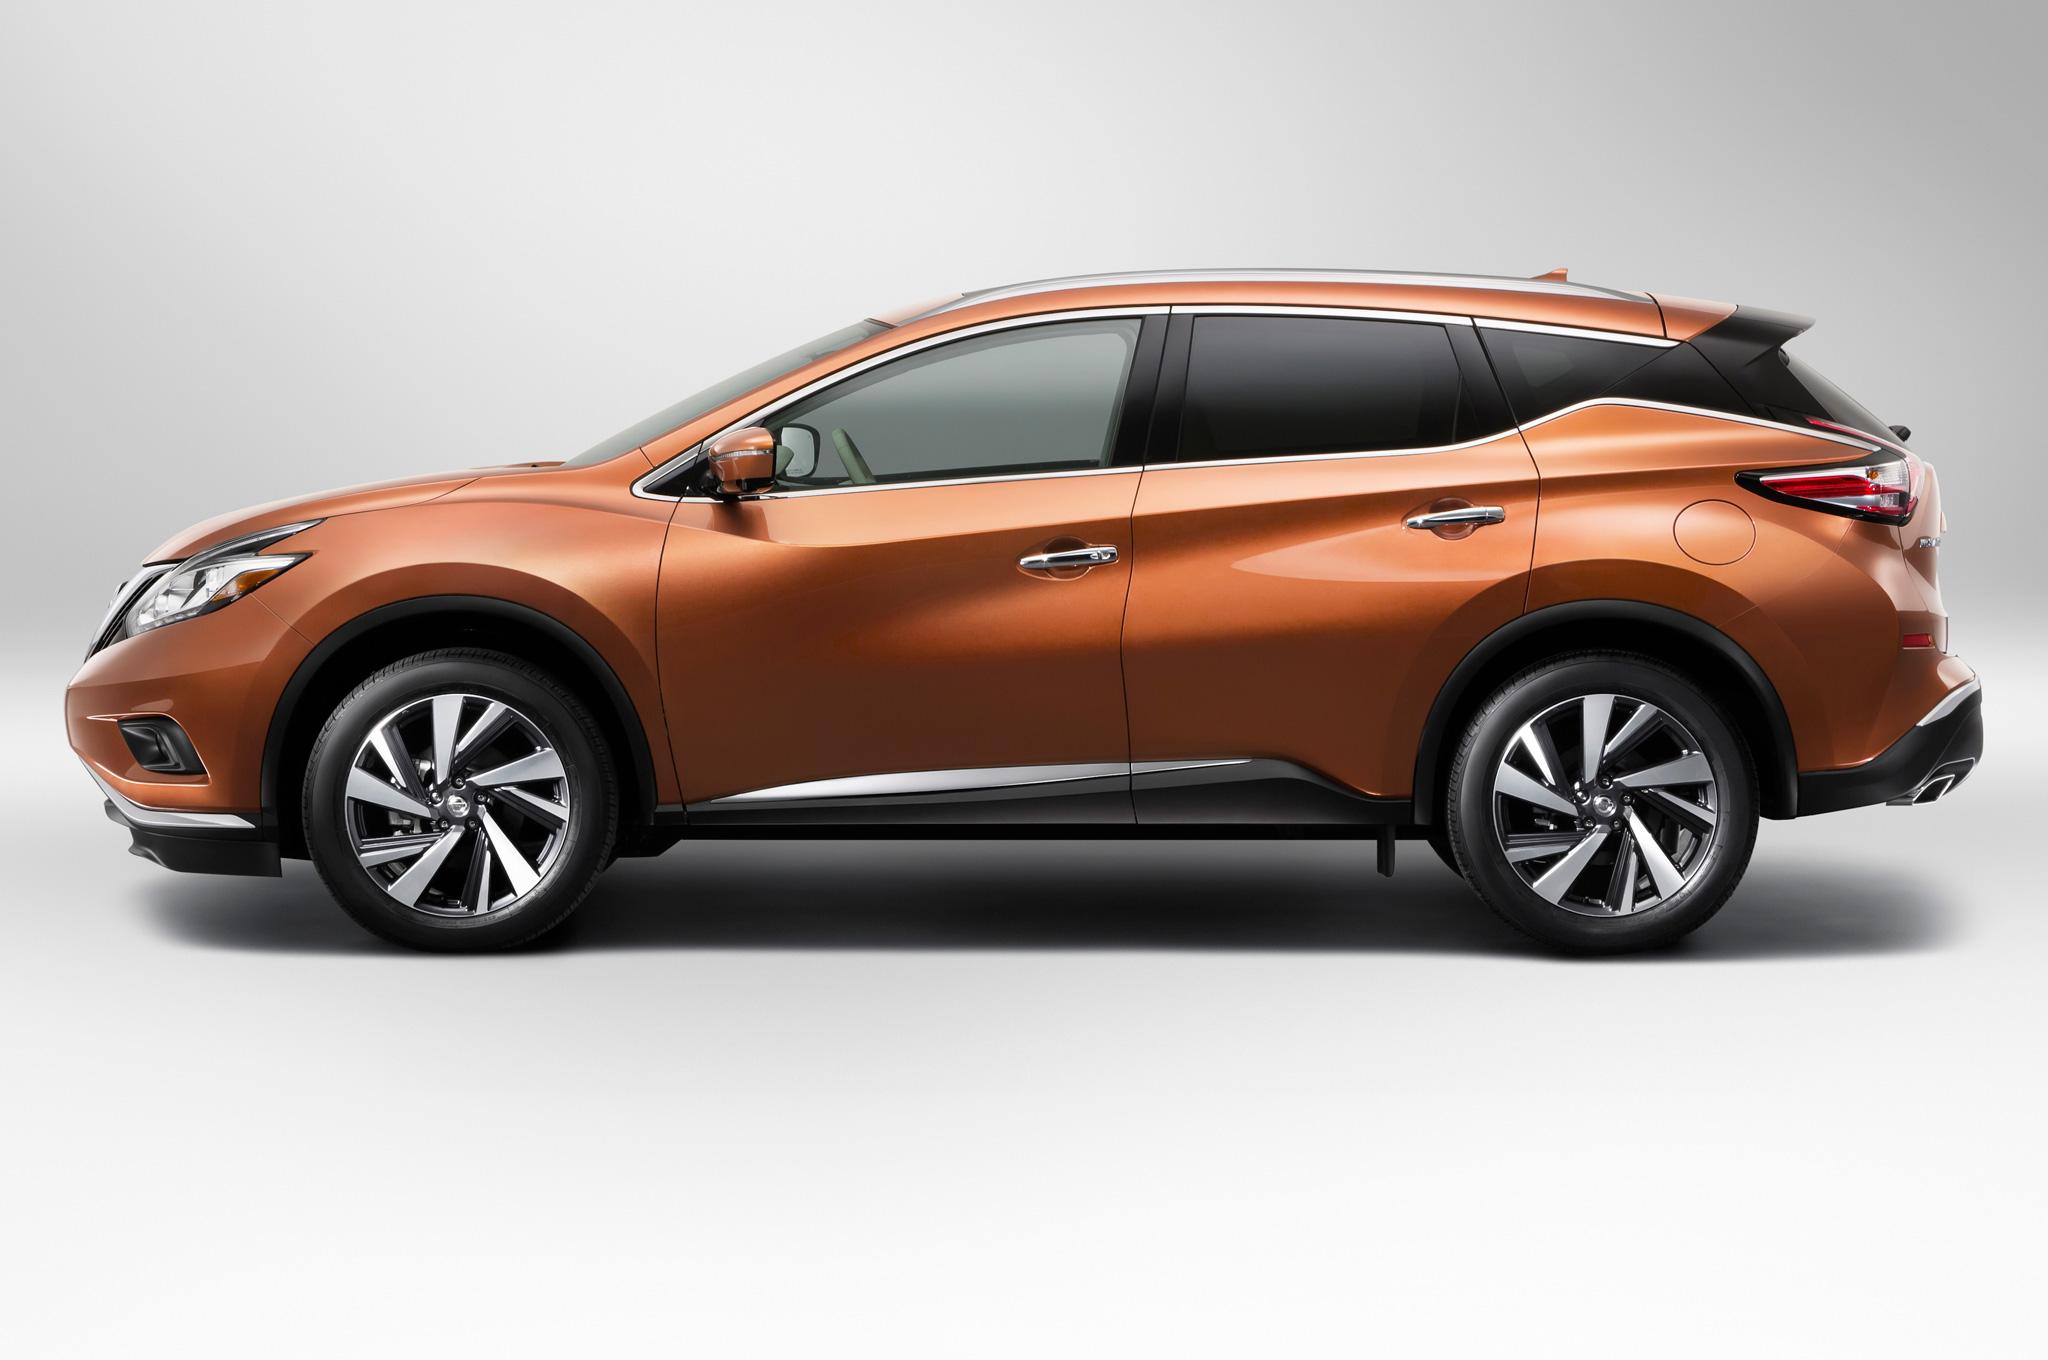 2015 Nissan Murano Side Design Profile